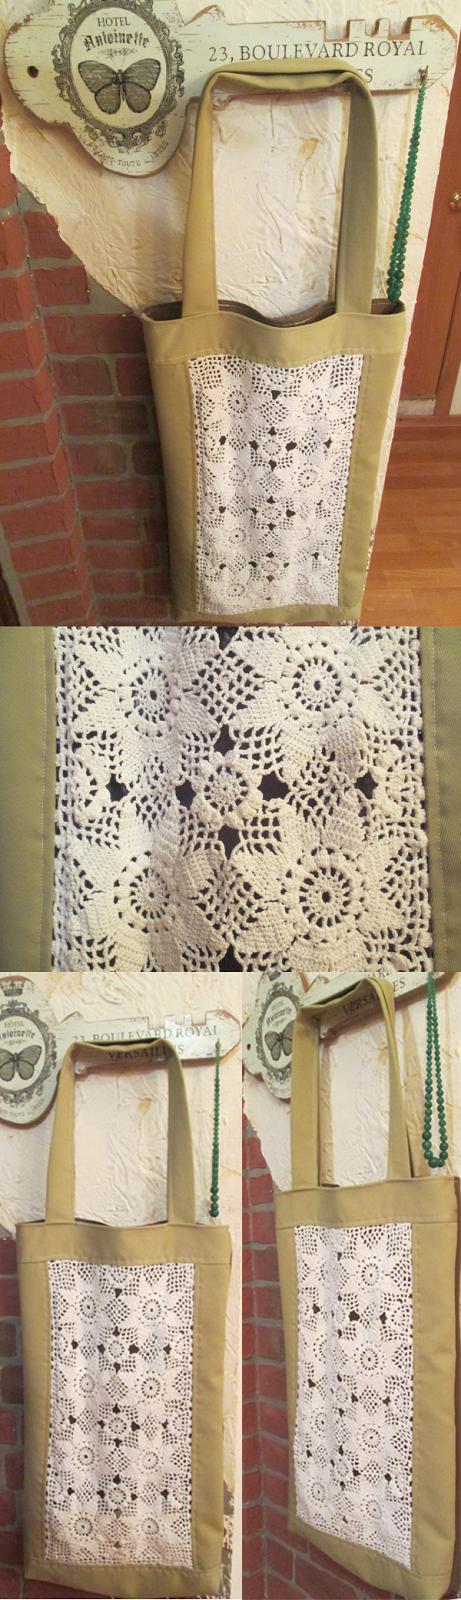 handmade bag with a crocheted dolly decor